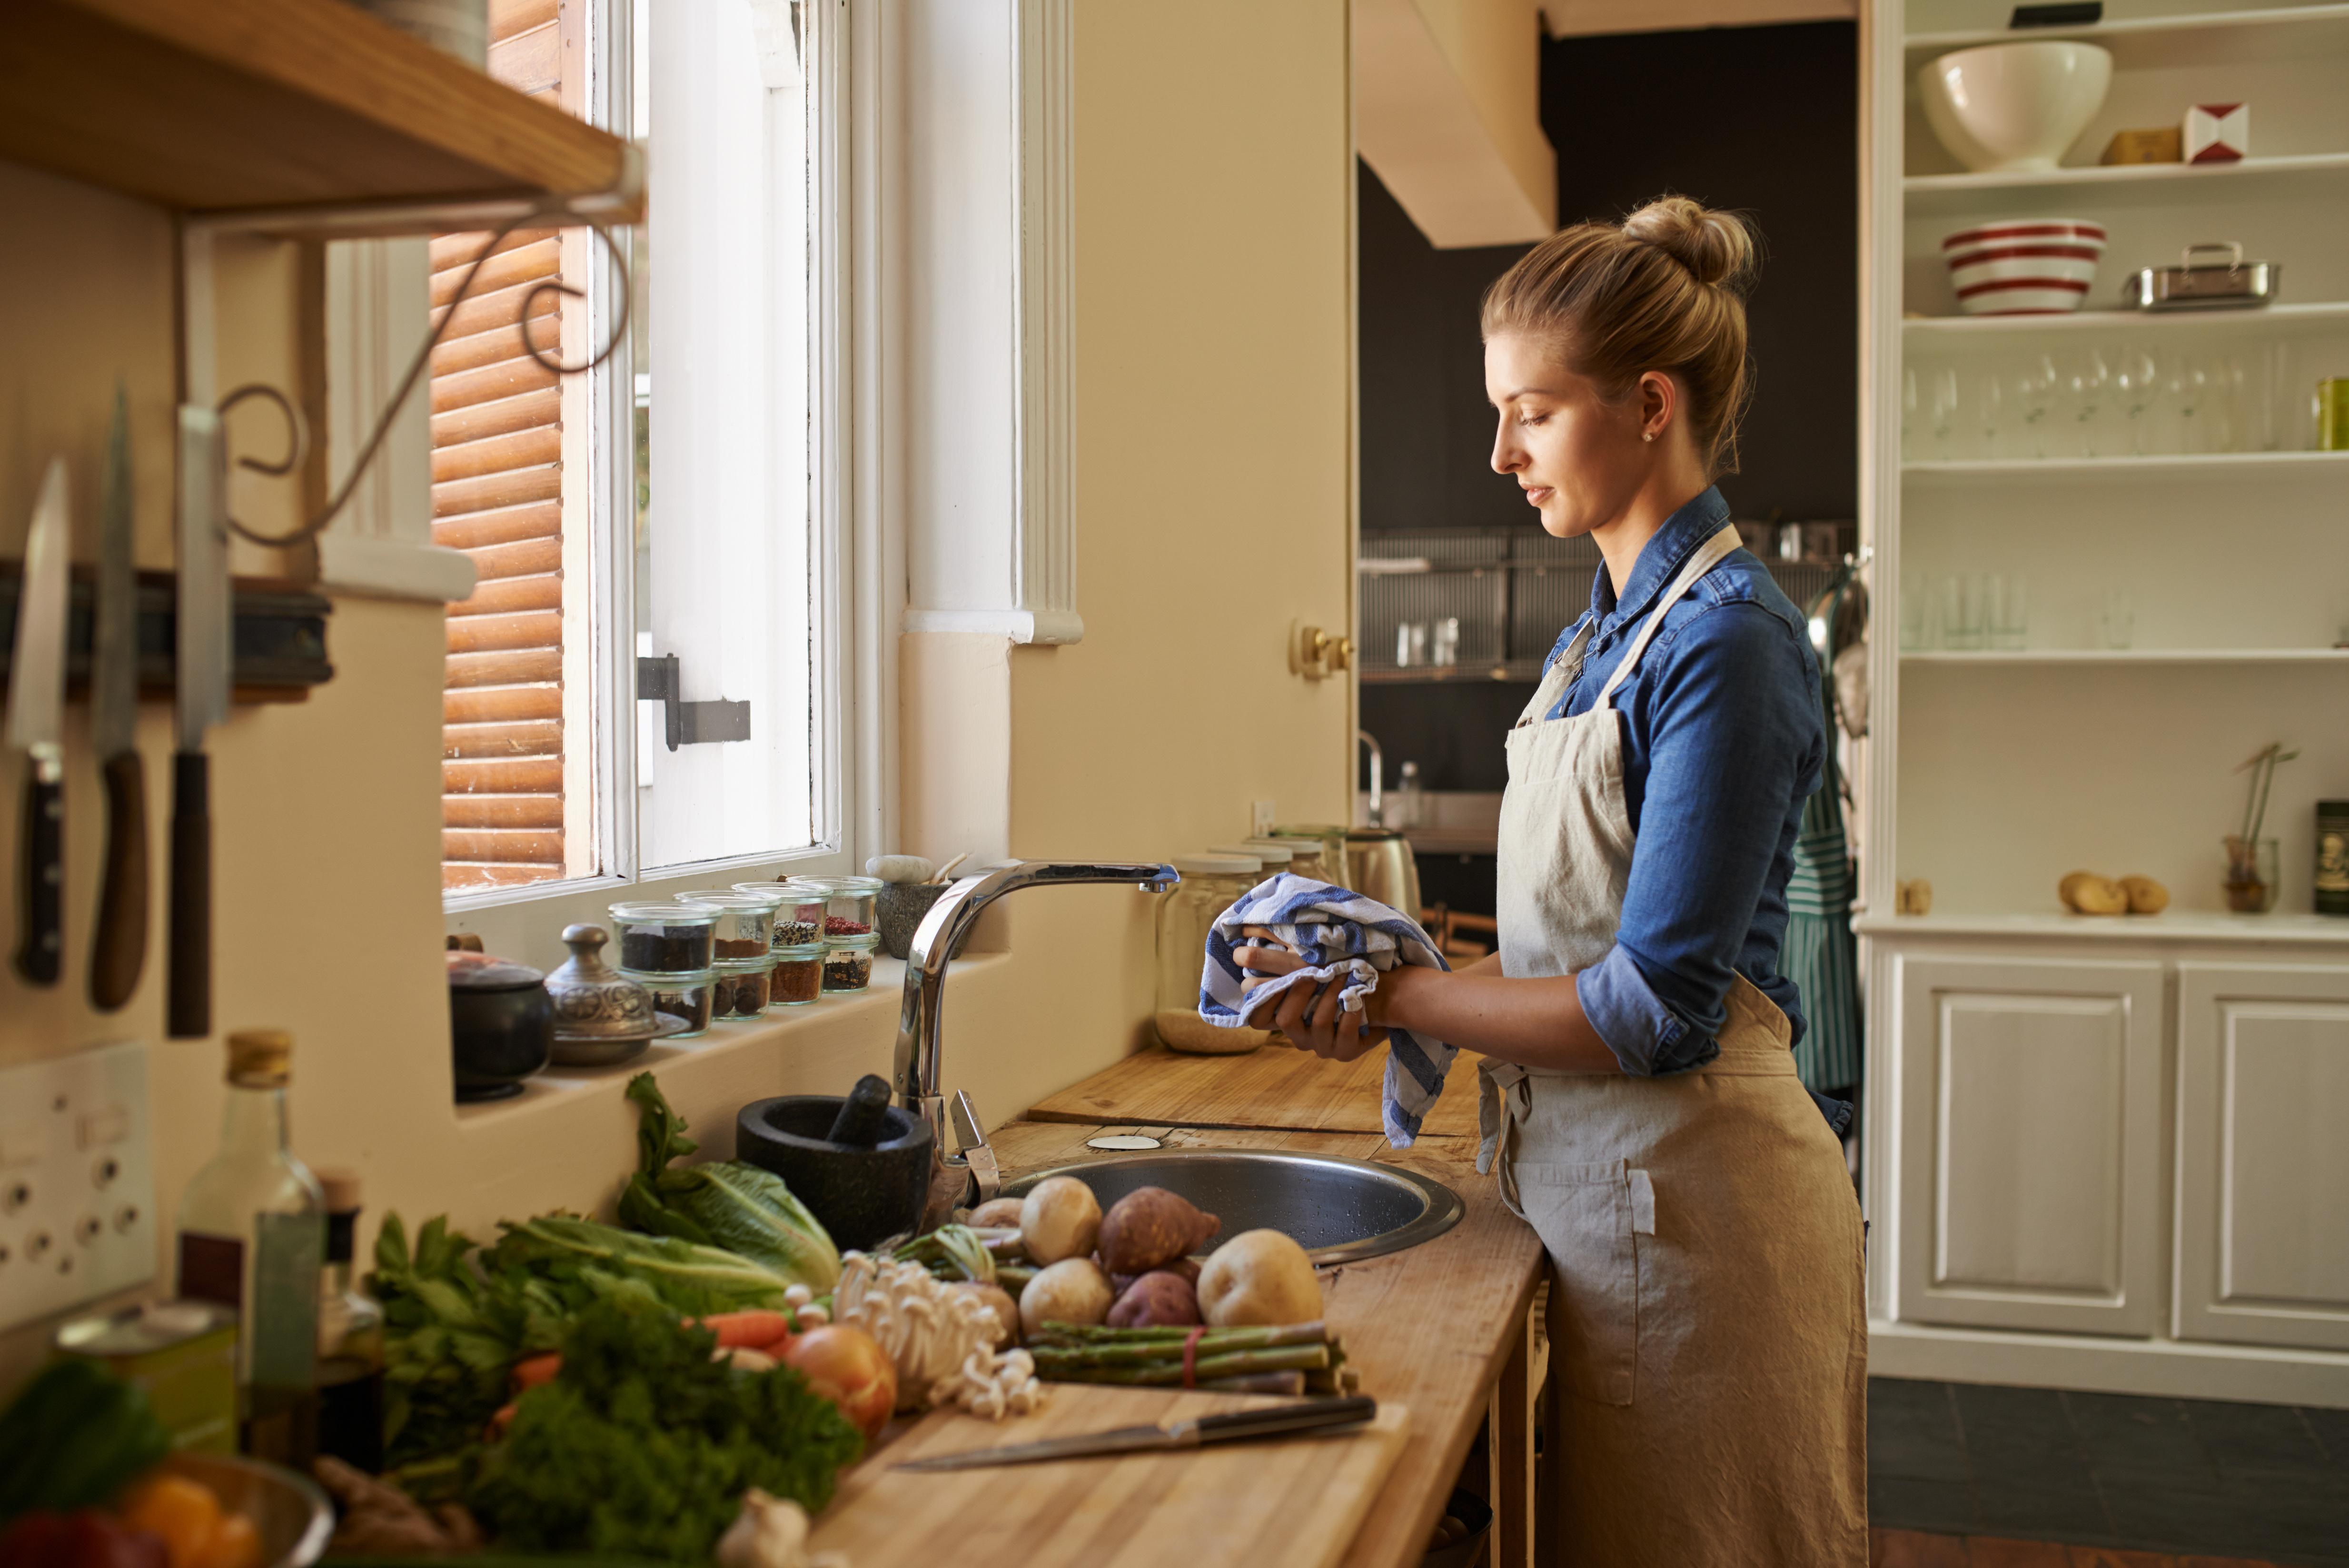 Кухненската кърпа.<br /> Замисляли ли сте се колко често и дори несъзнателно избърсвате ръце в кърпата, докато готвите? Със сигурност не винаги сте ги измили със сапун преди това. Самата кухненска кърпа е мокра през по-голямата част от времето. Това благоприятства за развитието на бактерии в нея. Затова по-добре използвайте кухненски ролки с хартия. Ако подсушавате чиниите с кърпа, то използвайте за тази цел специално парче плат. Друг вариант - перете често кърпите в кухнята.